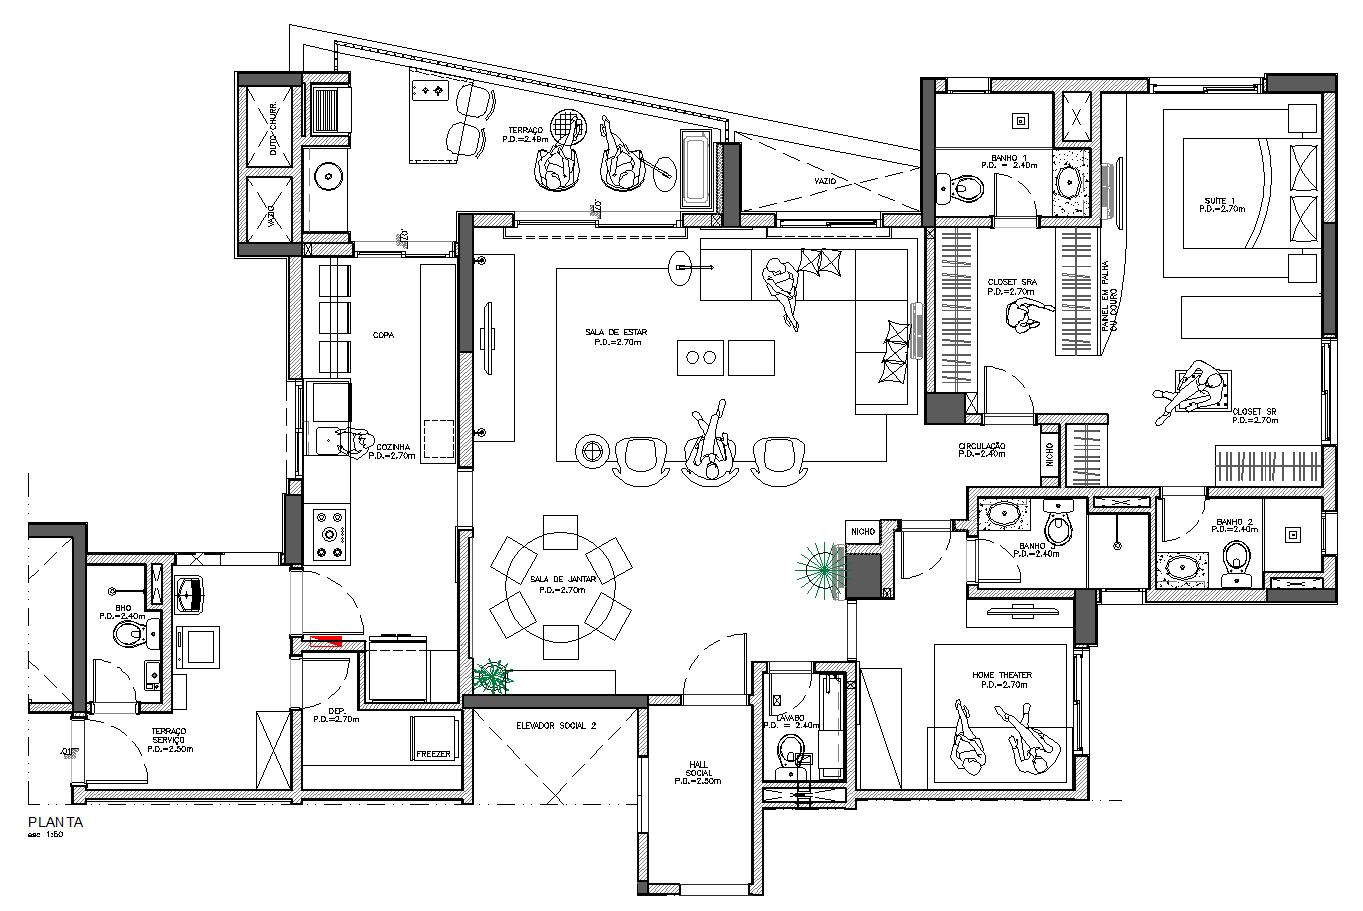 #981516 DecorCAD A7: Planta base padronizando layers e editando blocos  1363x911 px Projeto Cozinha Dwg Download_4167 Imagens